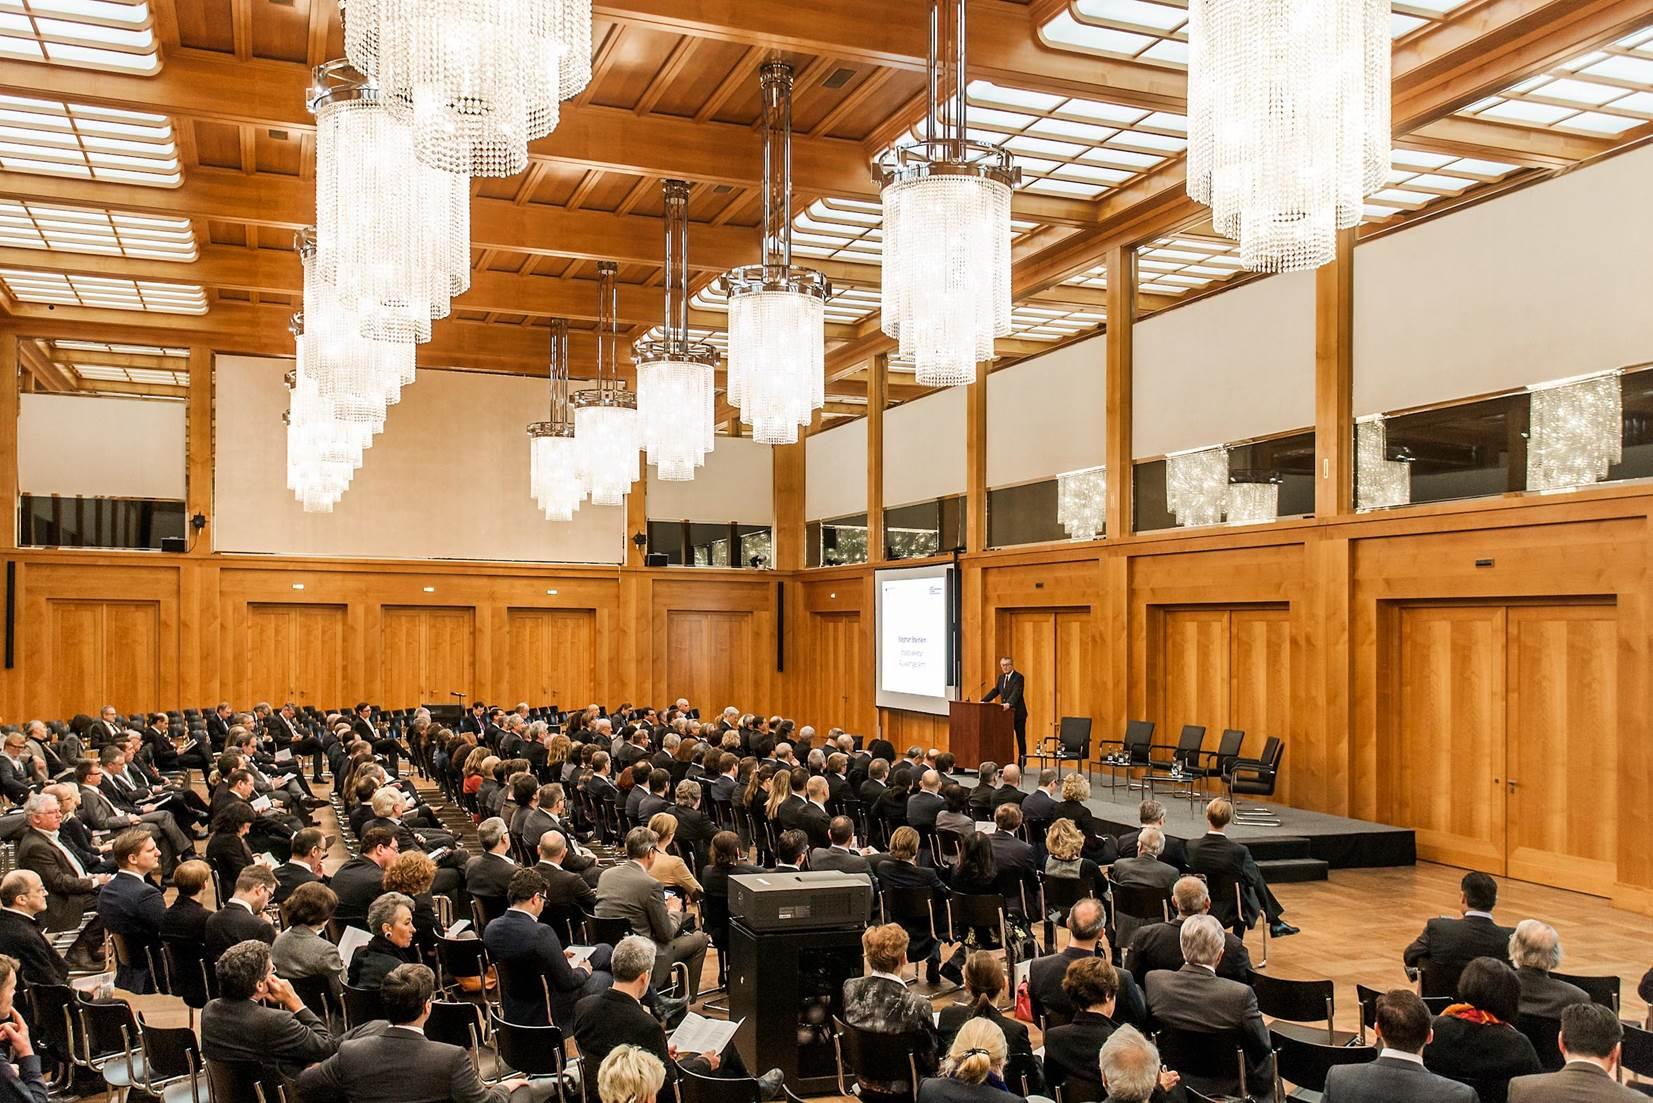 NAX Report 01/15: Veranstaltungsberichte